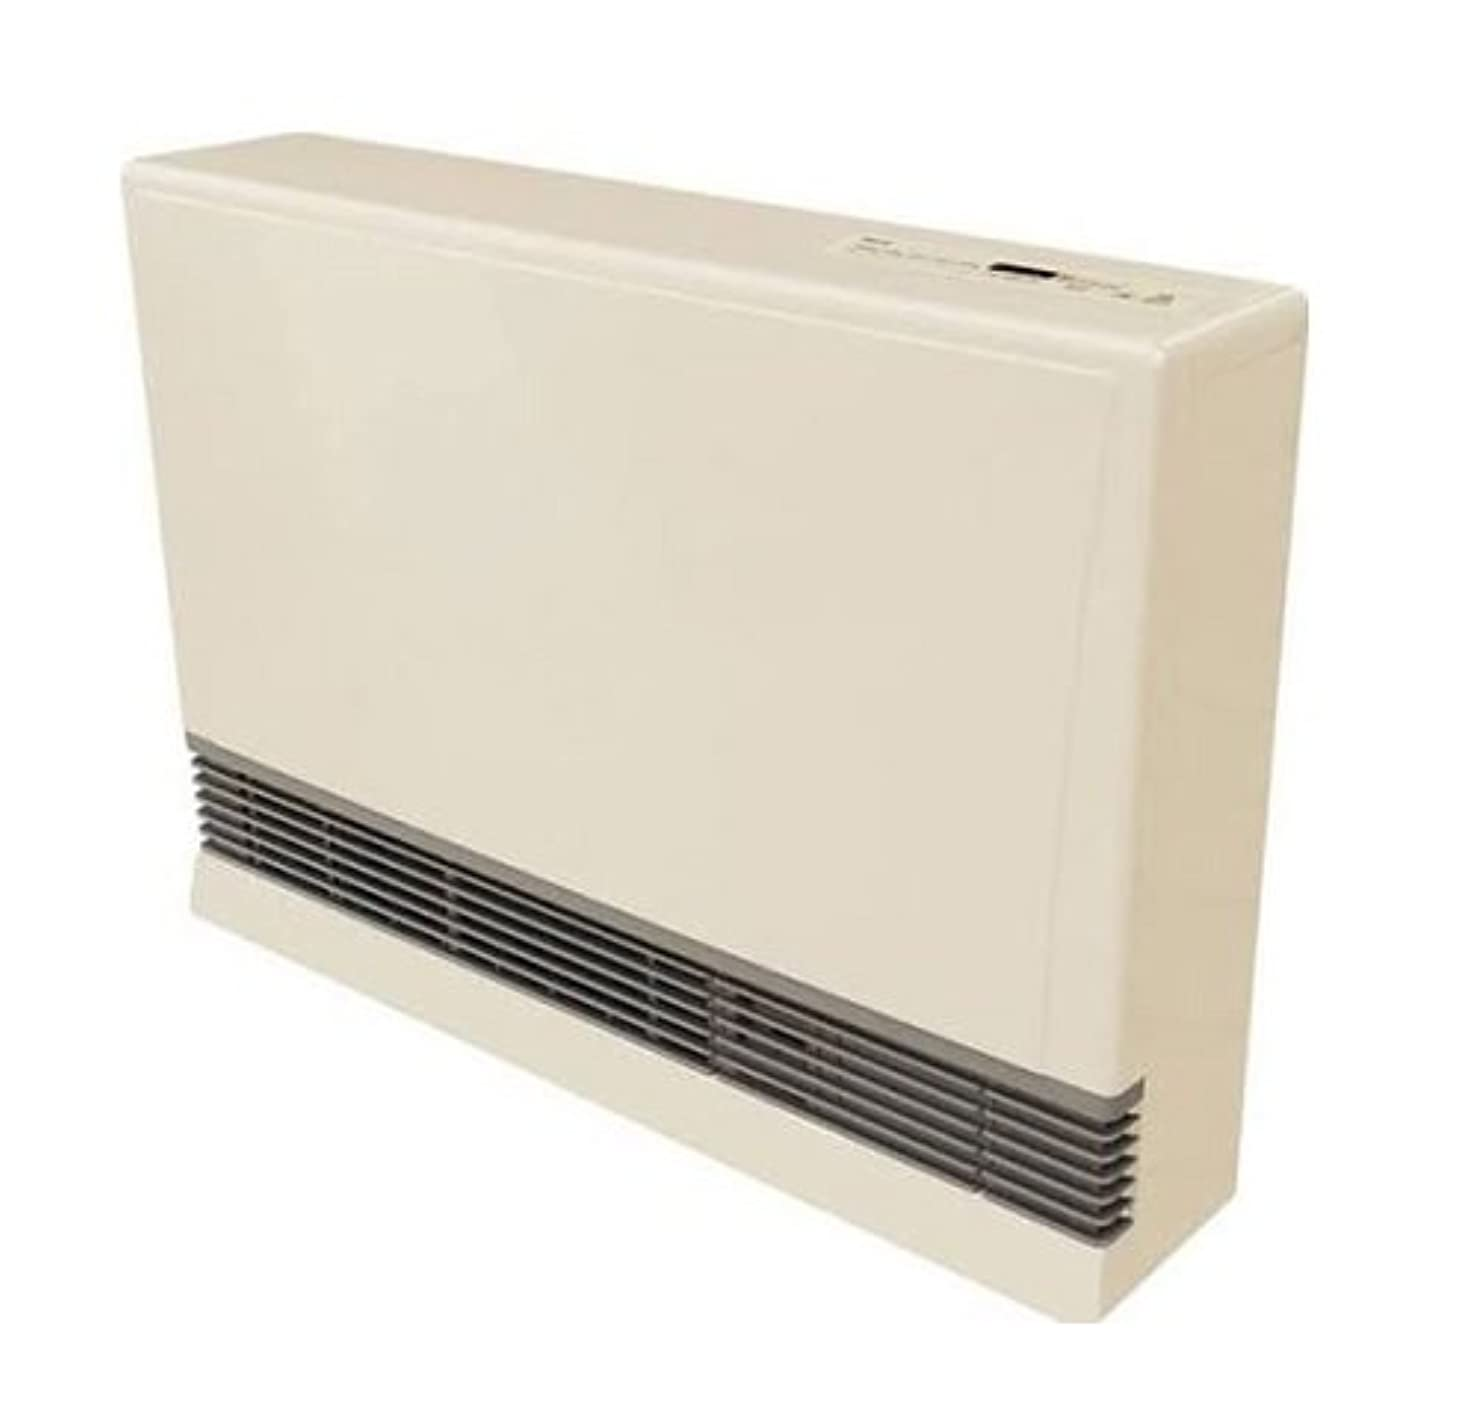 キャッチ公使館はっきりとRinnai EX38CTLP Direct Vent Space Heater - Liquid Propane BEIGE, 141[並行輸入]